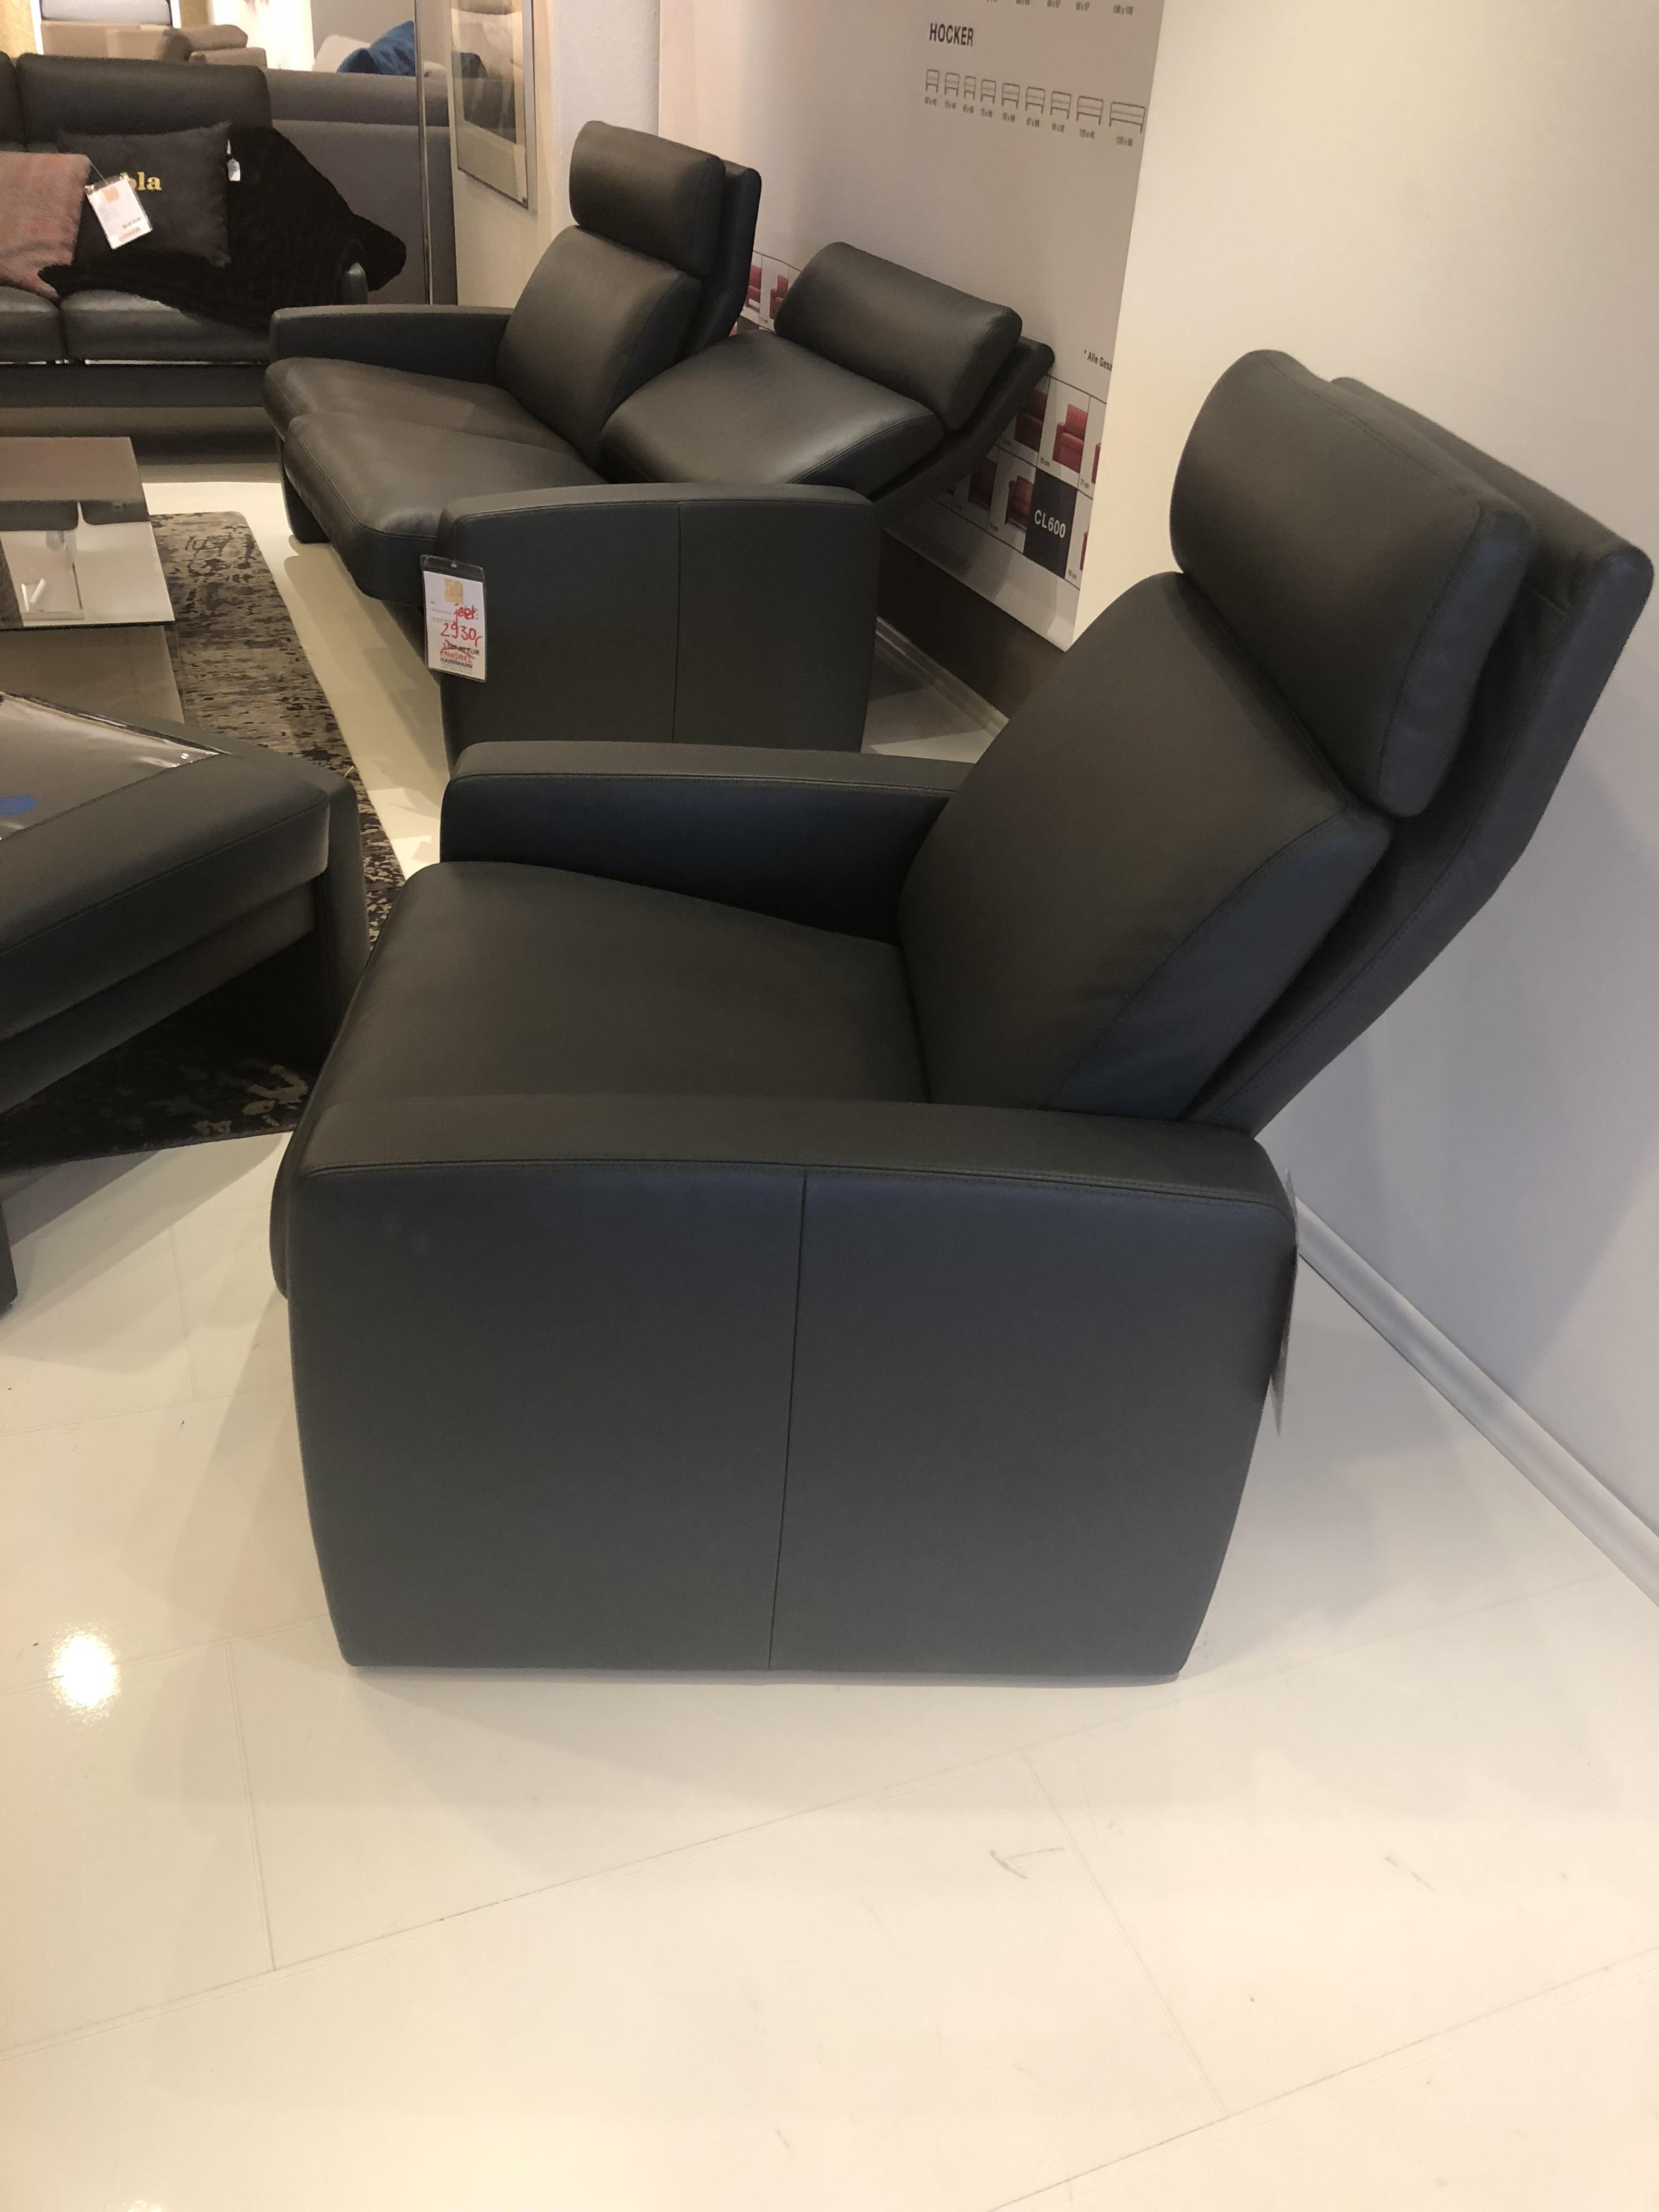 mein ausstellungsst ck erpo collection arosa funktionsgarnitur. Black Bedroom Furniture Sets. Home Design Ideas